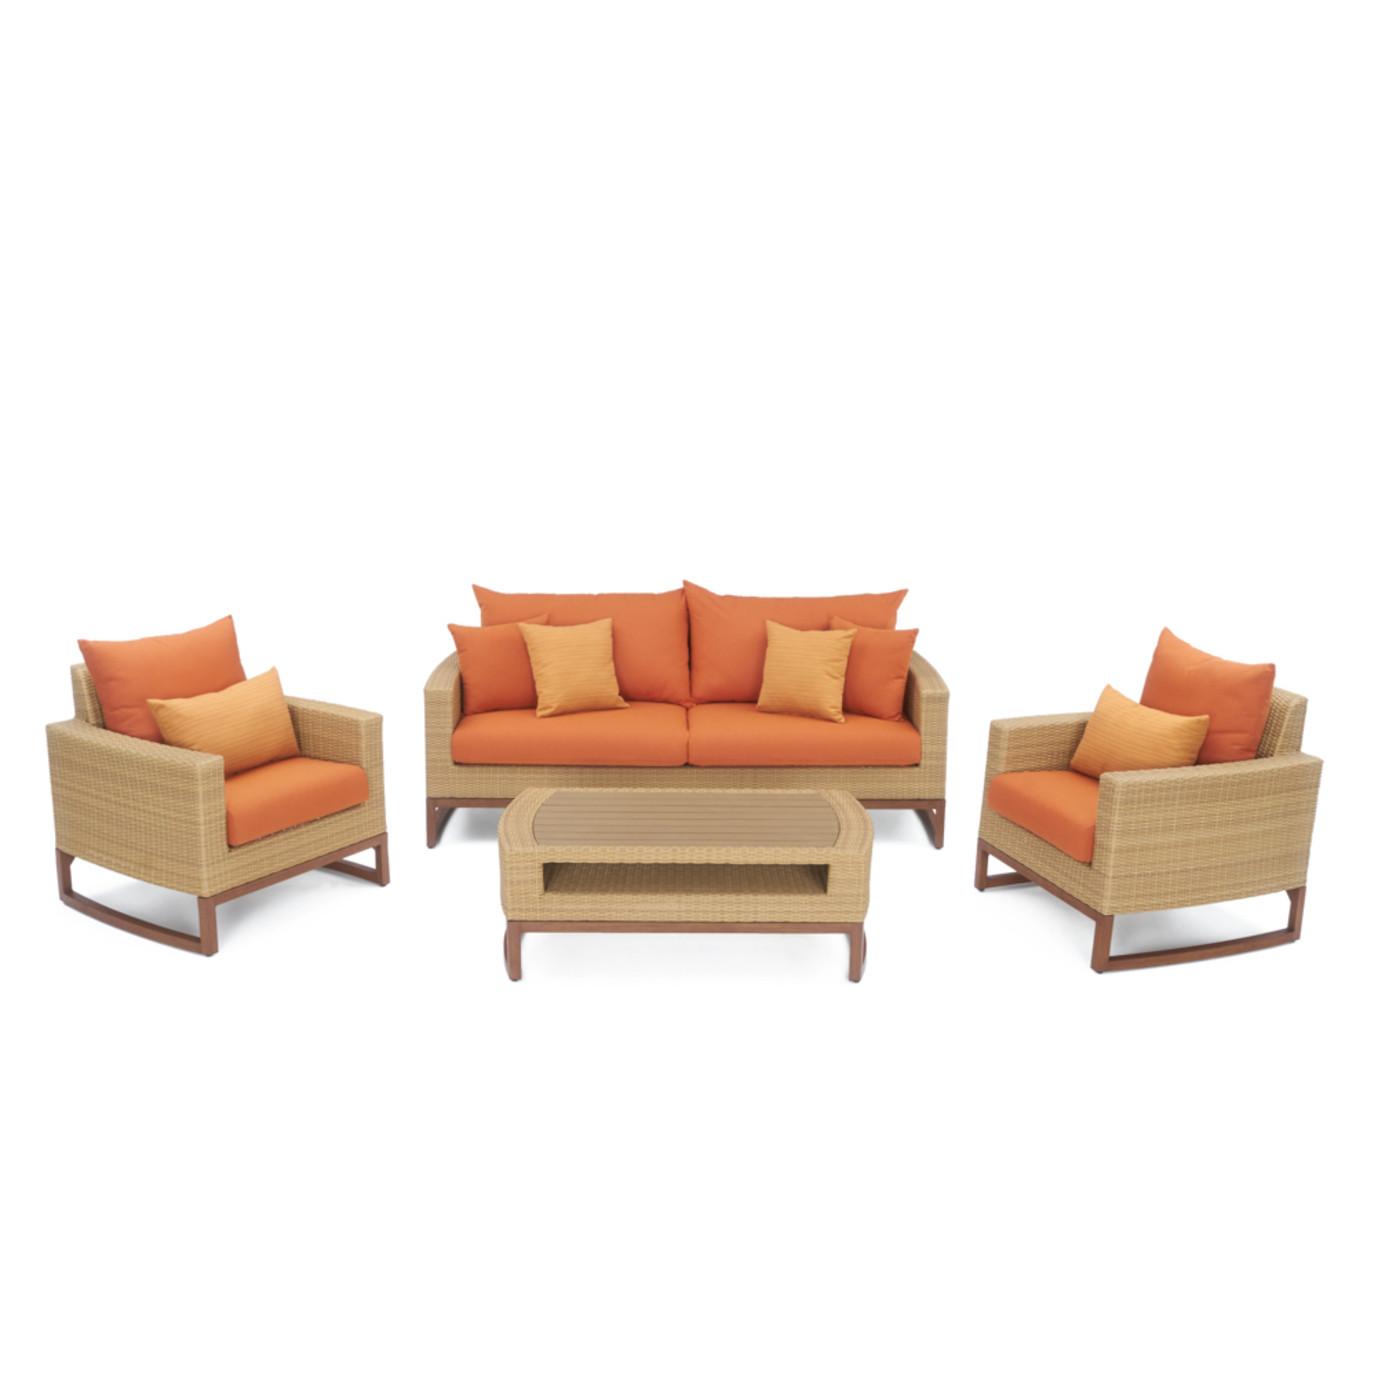 Mili™ 4pc Seating Set - Tikka Orange